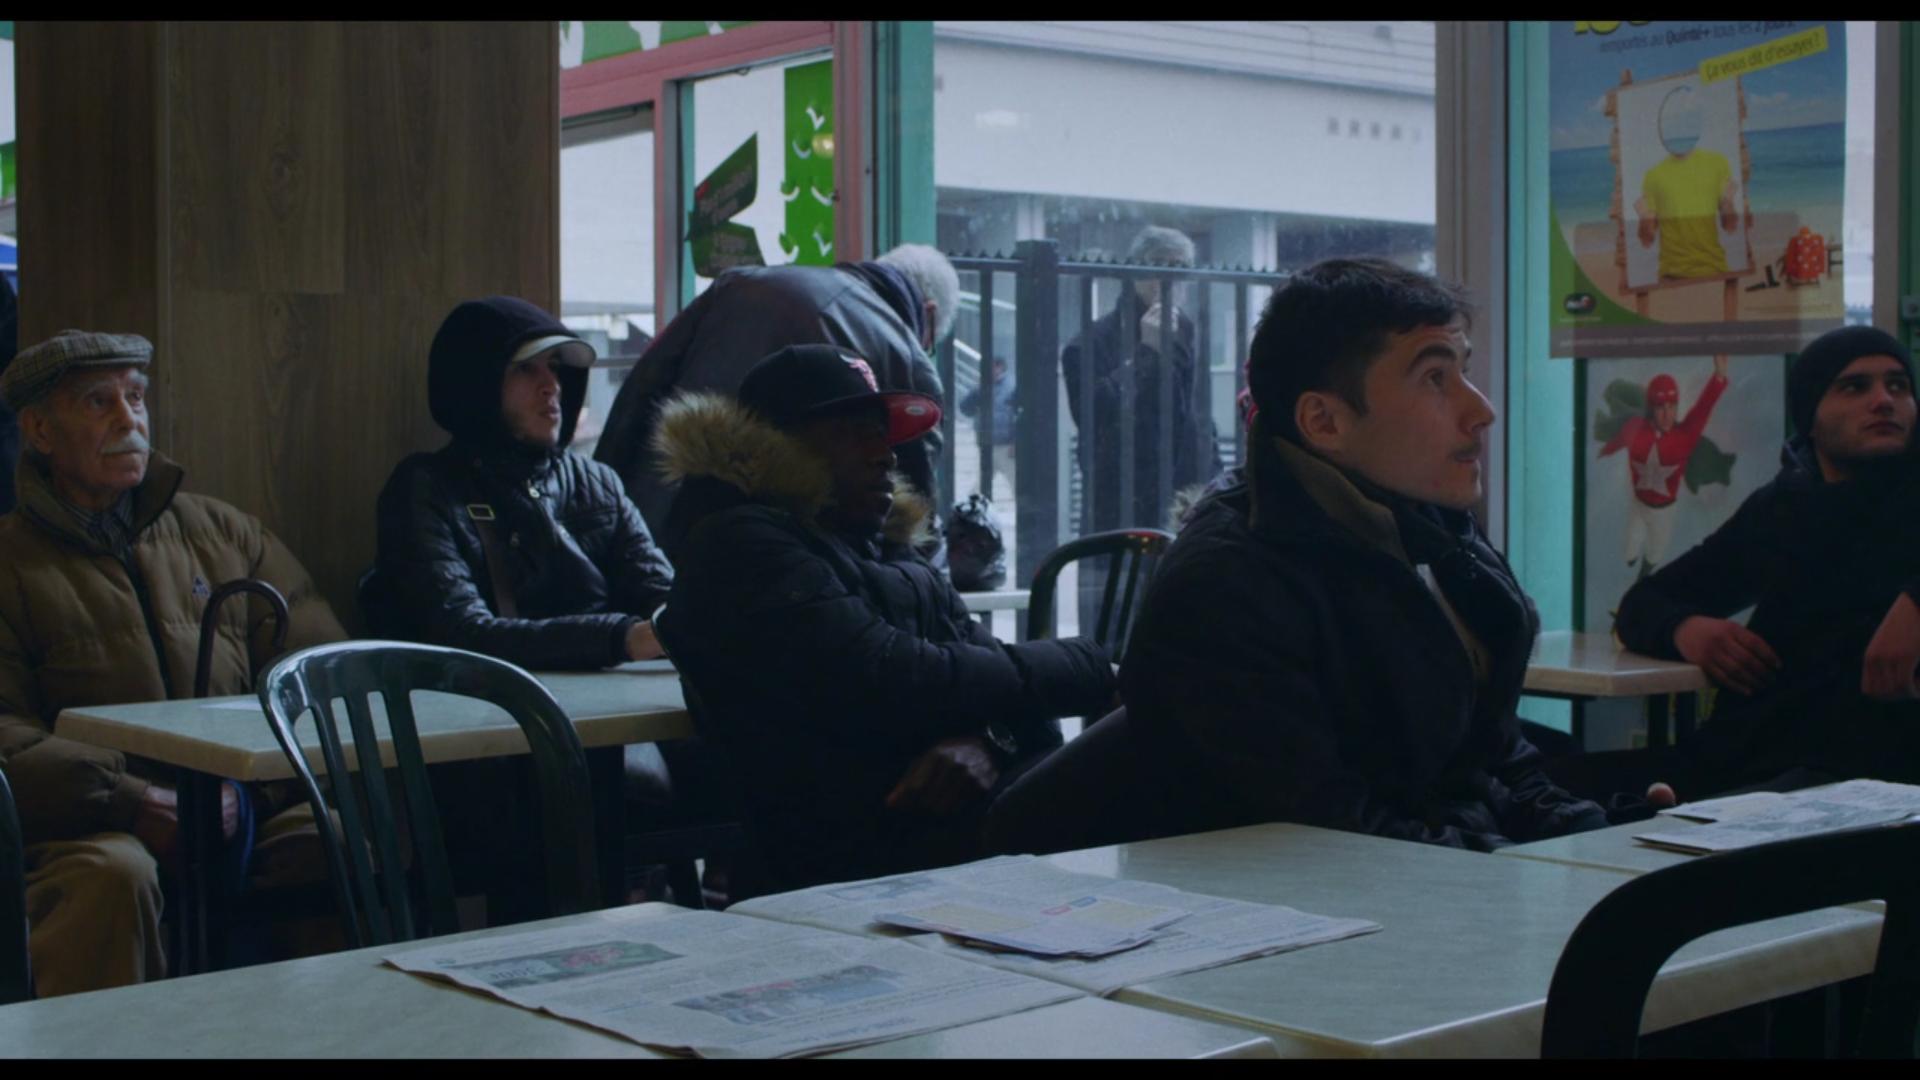 Festival du cinema de brive rencontres europeennes du moyen metrage brive